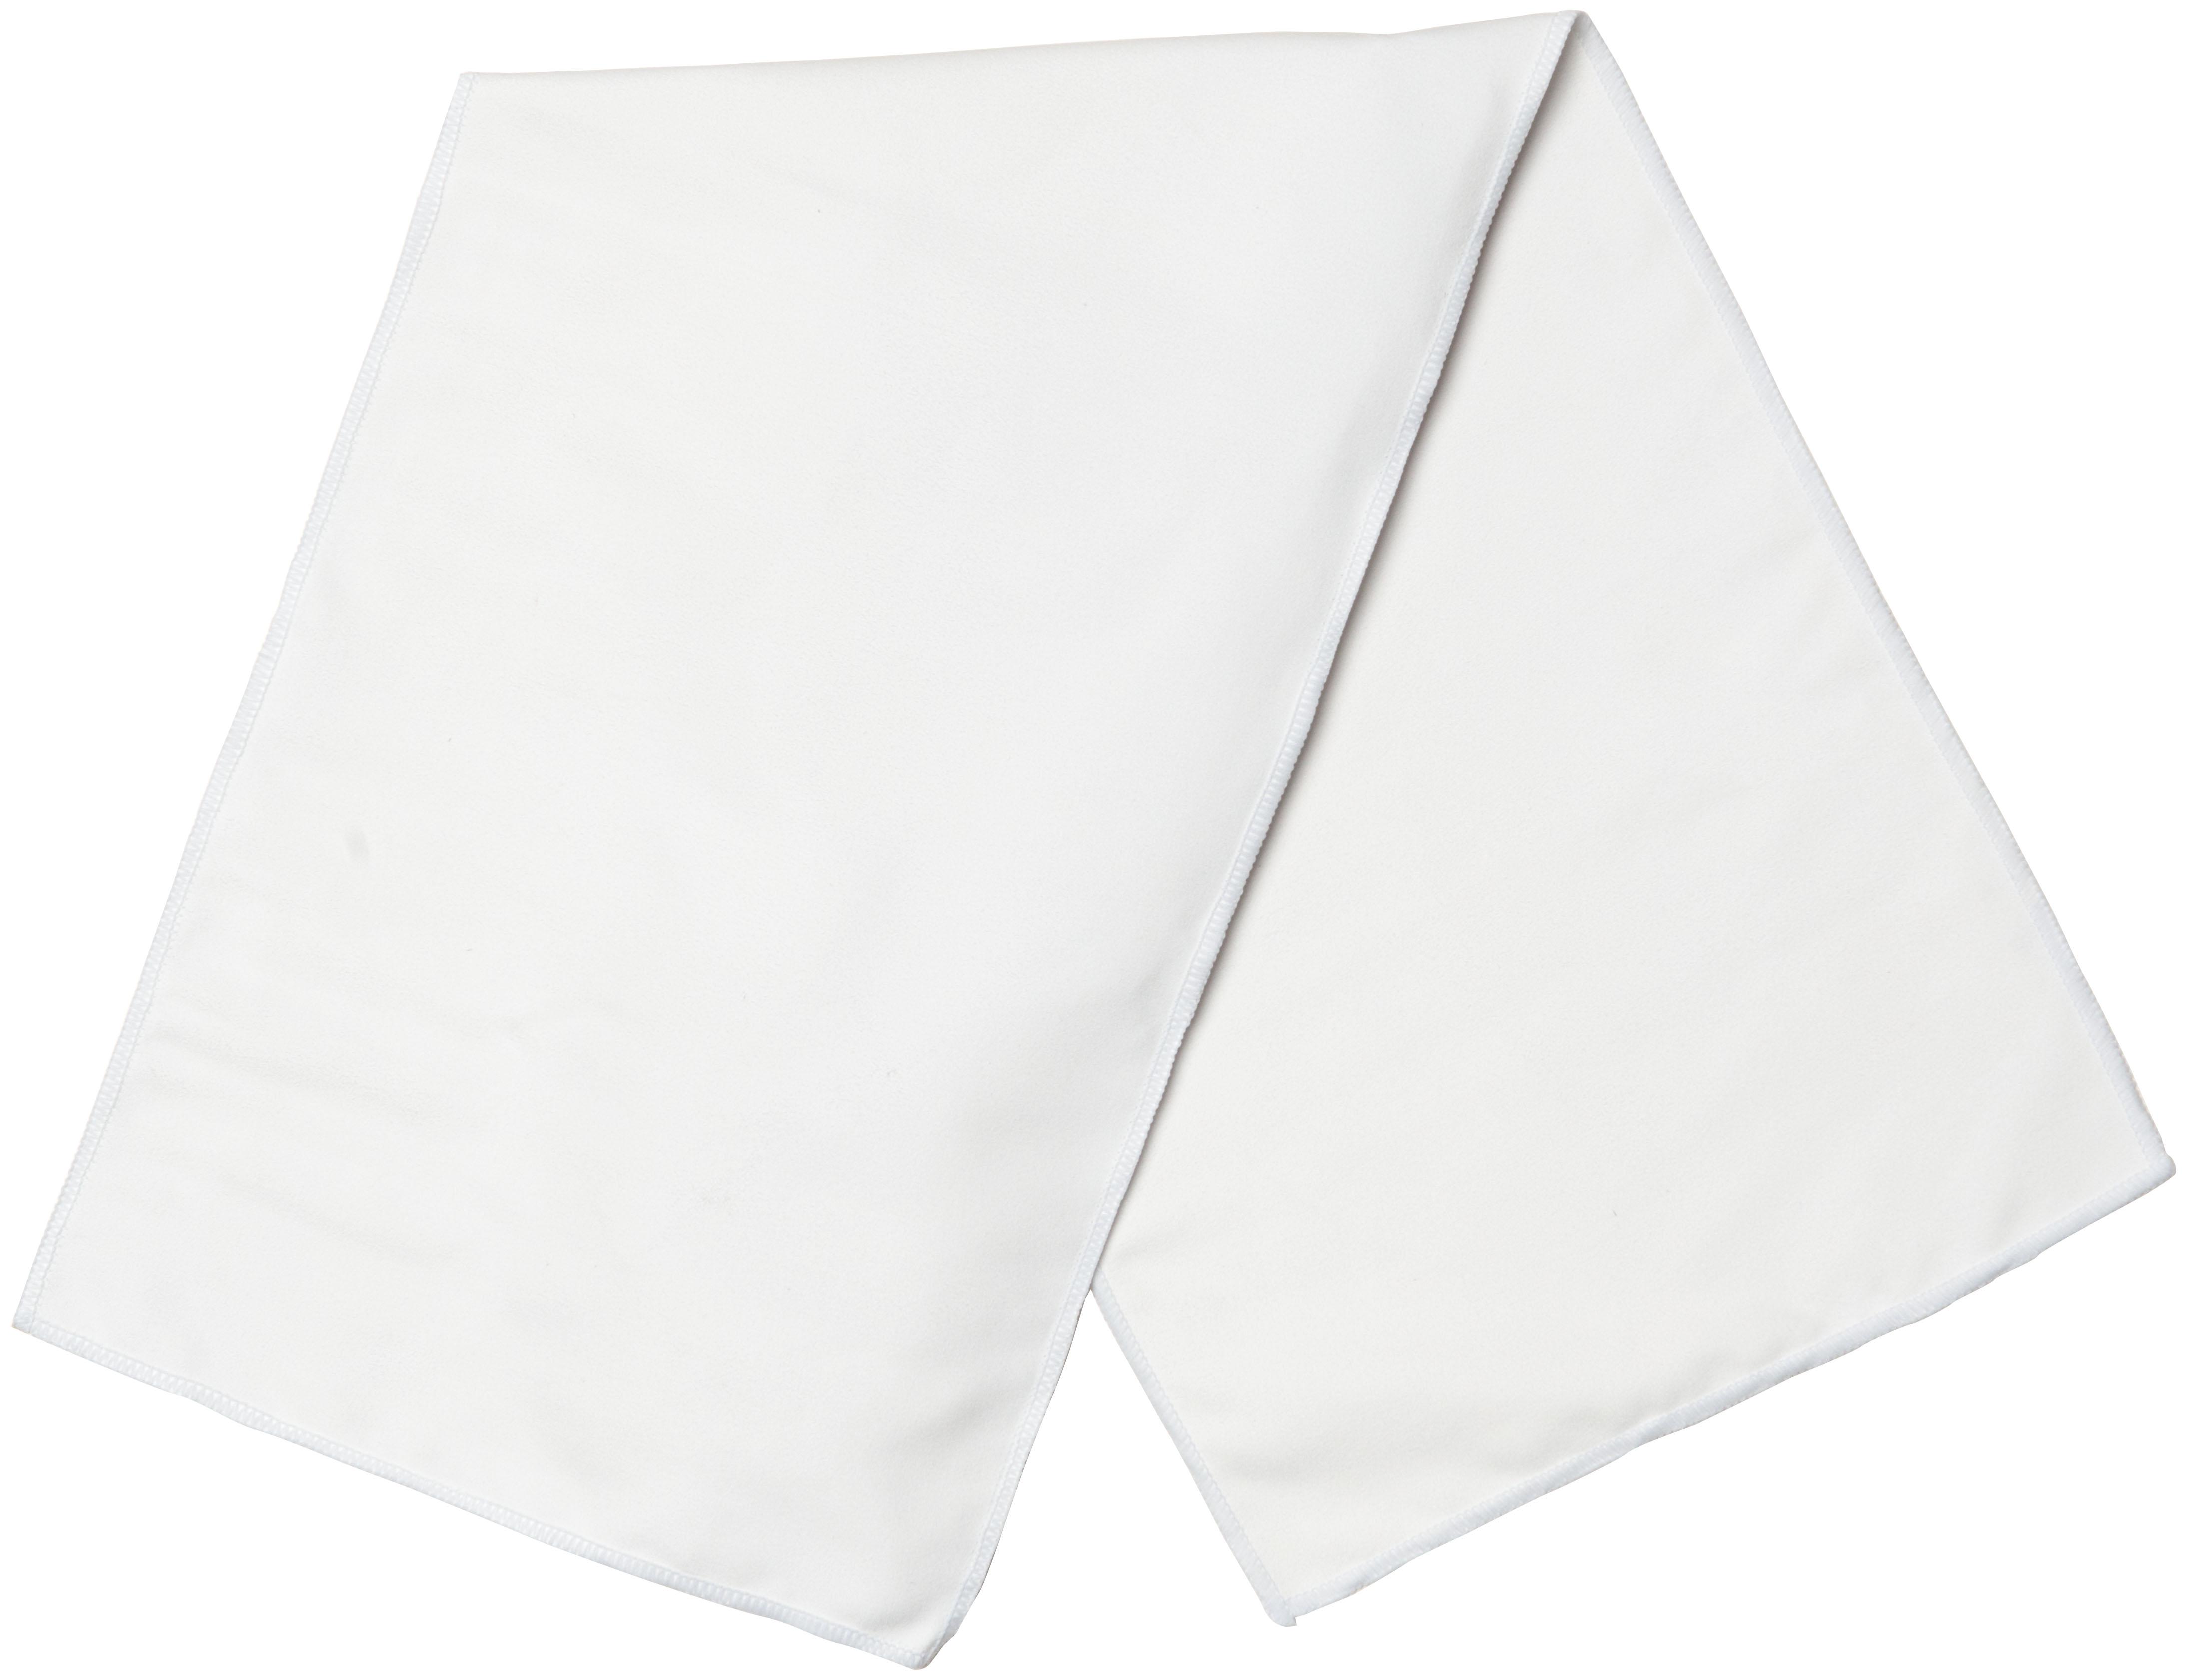 Frigitowel-Large-White-A